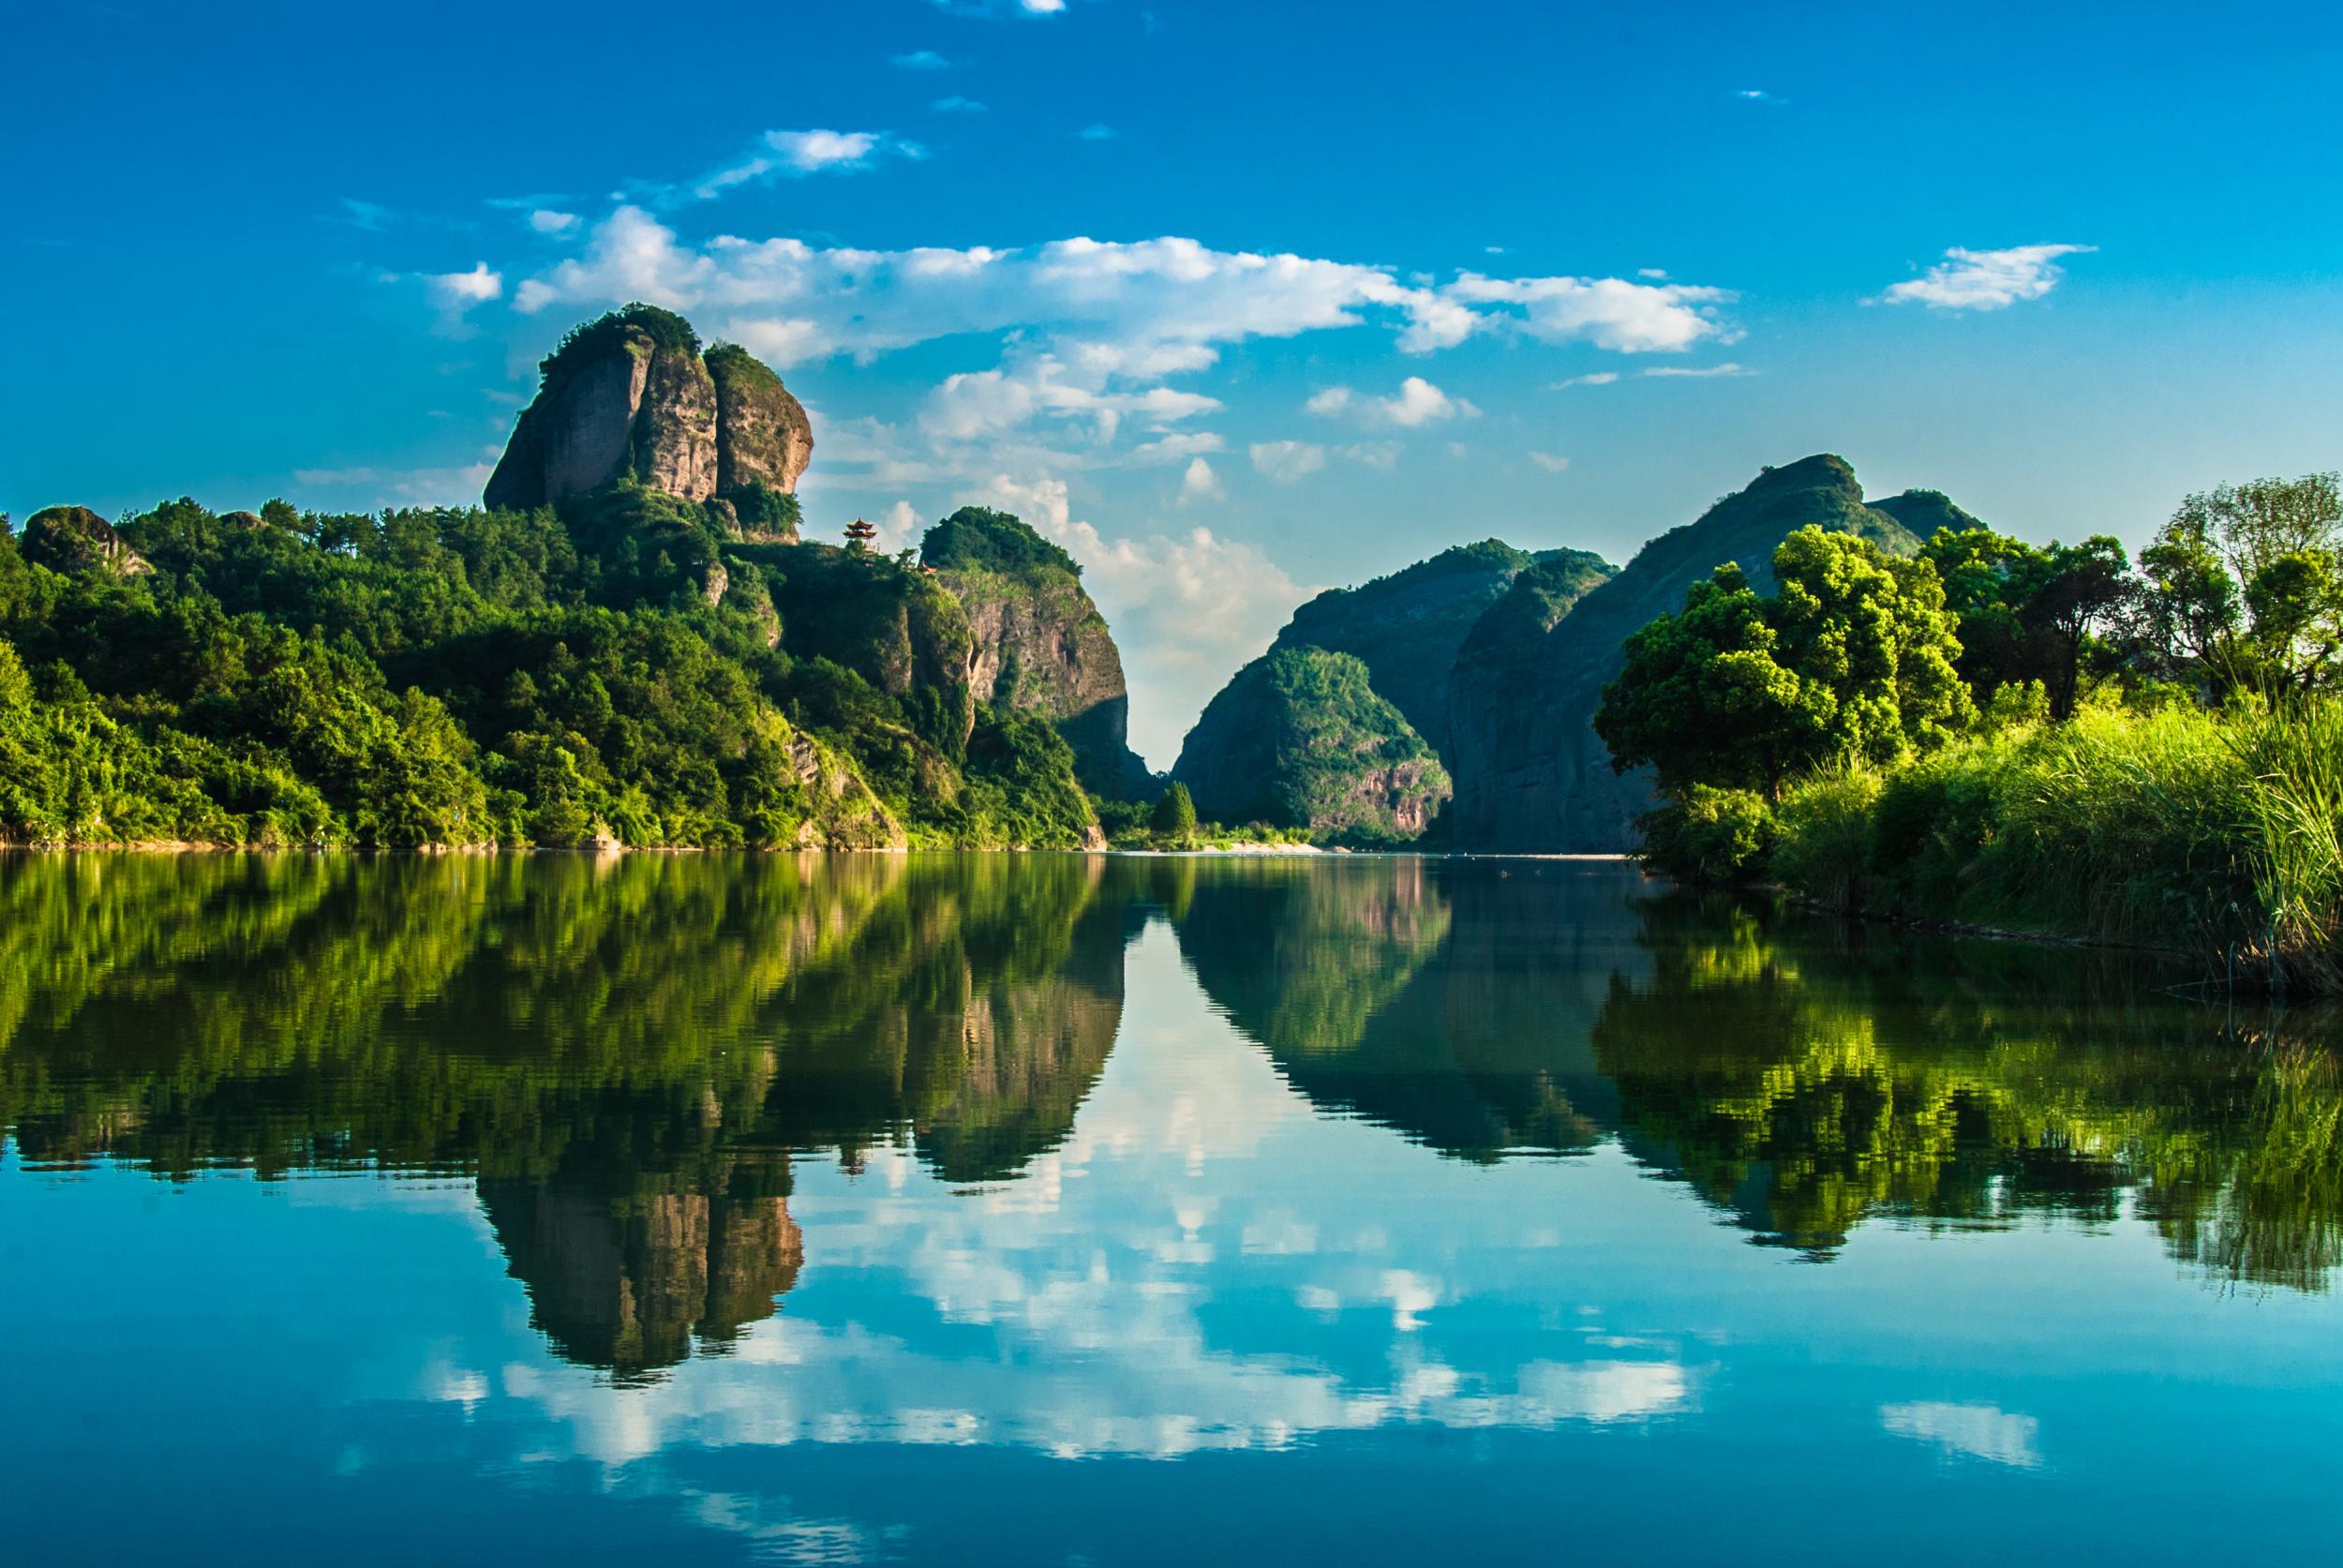 景物描写_江西龙虎山最佳摄影旅游线路-两天半旅游路线-江西旅游